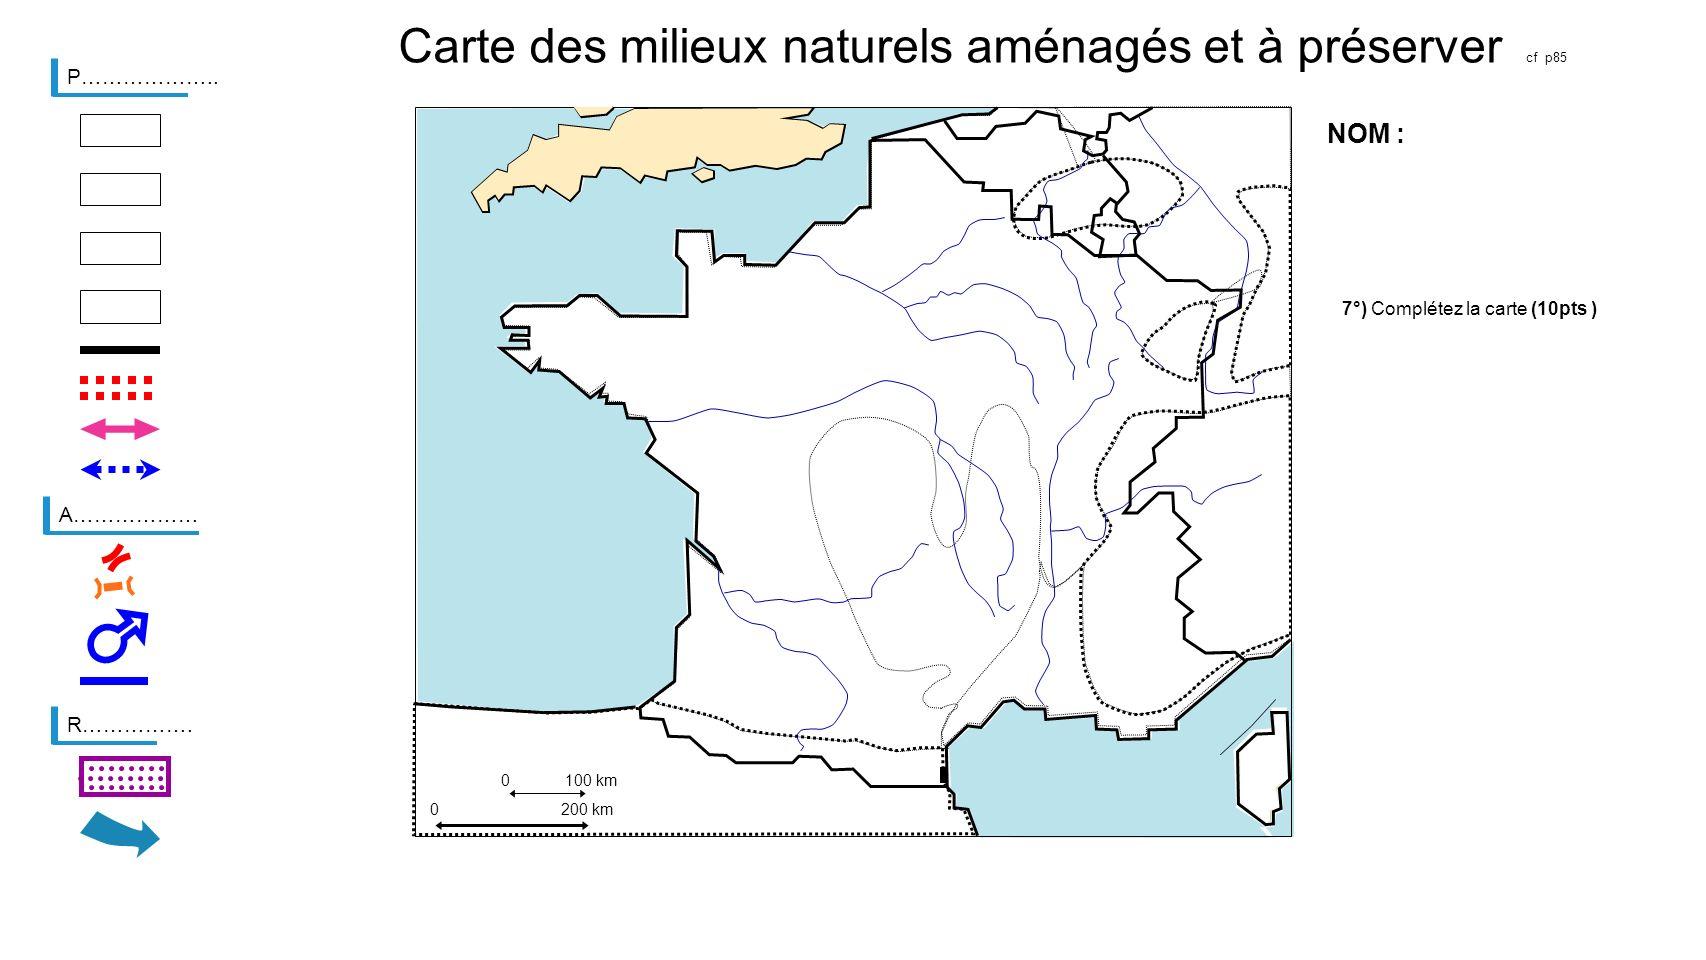 Carte des milieux naturels aménagés et à préserver cf p85 P……………….. 0100 km A……………… R……………. 0200 km 7°) Complétez la carte (10pts ) NOM :